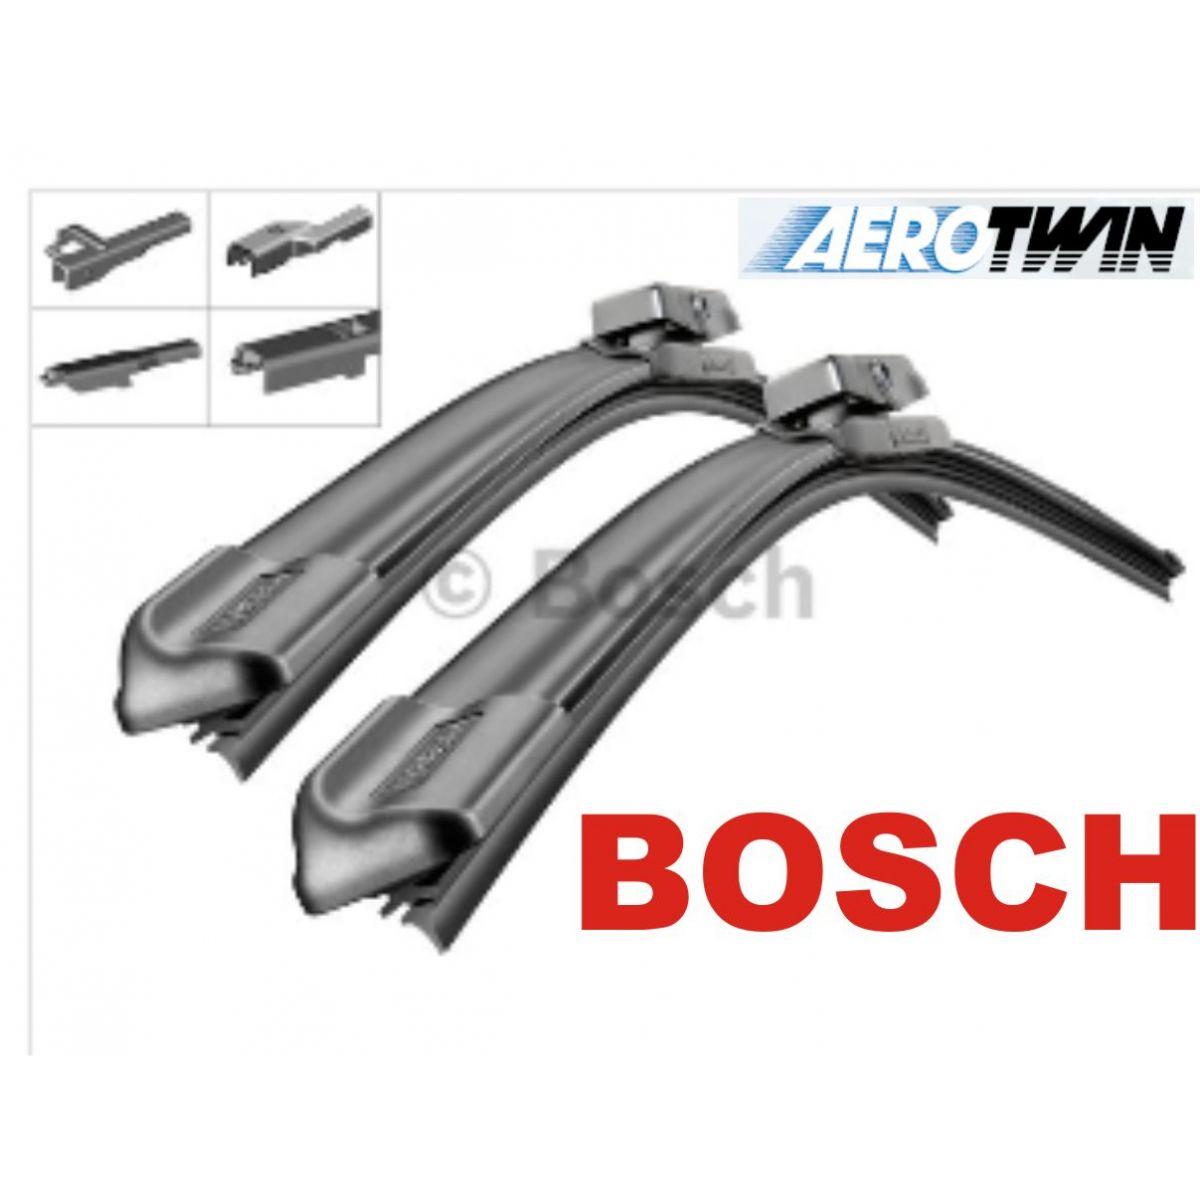 Palheta Bosch Aerotwin Plus Limpador de para brisa Bosch Audi Q7 2006 em diante